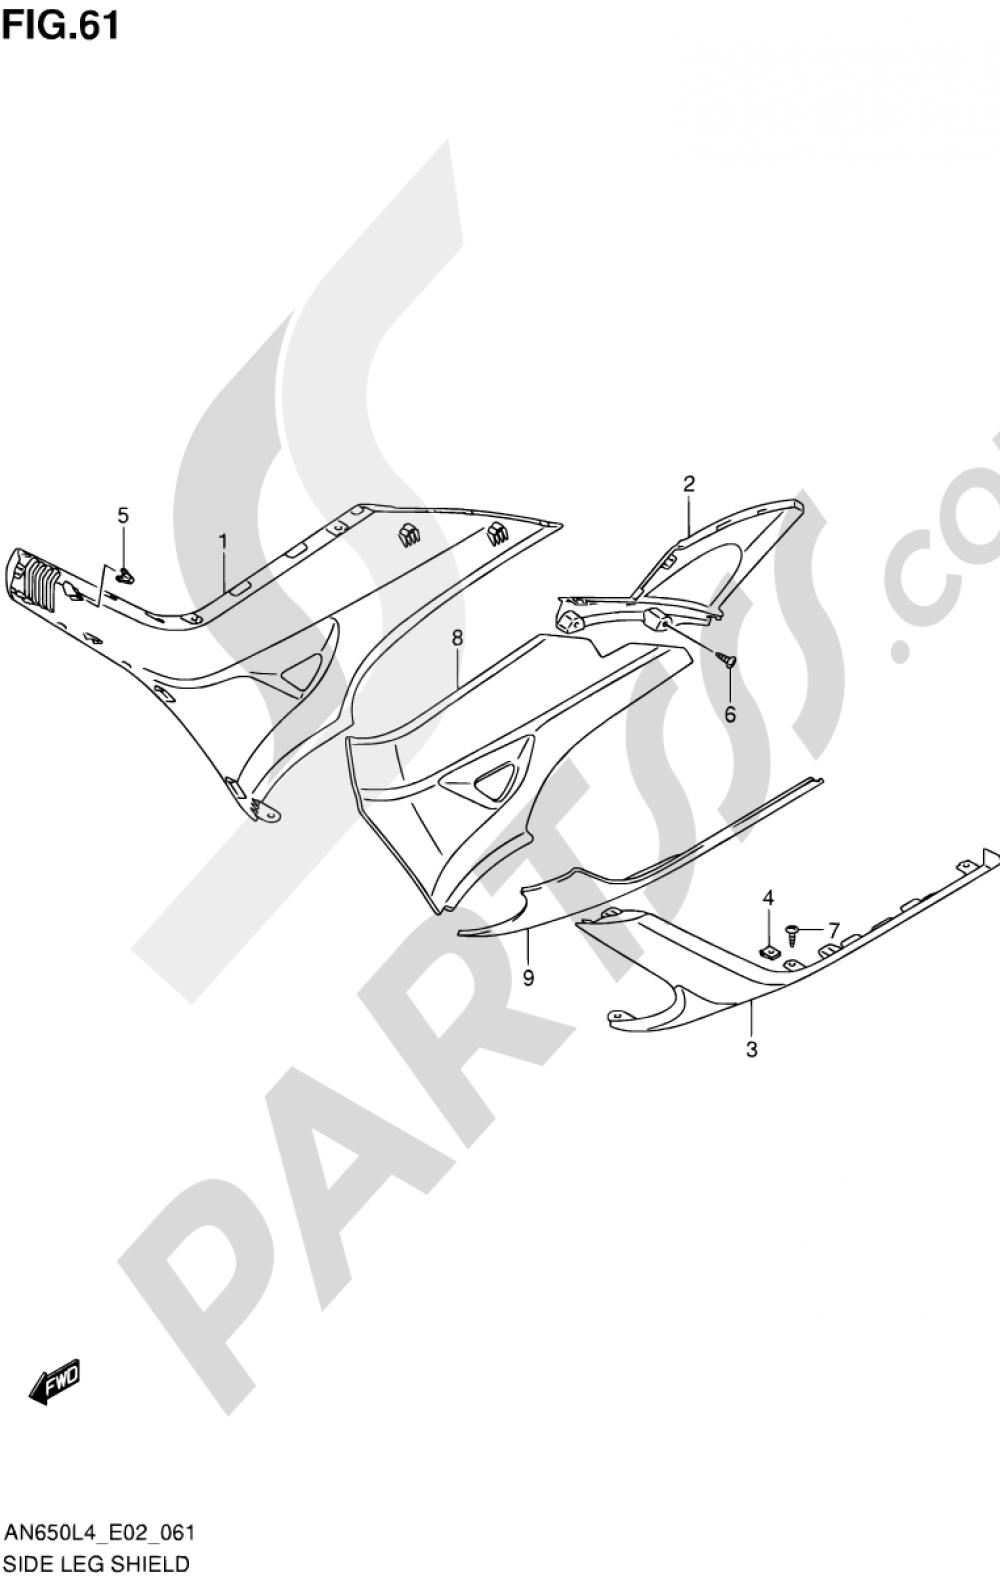 61 - SIDE LEG SHIELD Suzuki BURGMAN AN650 2014